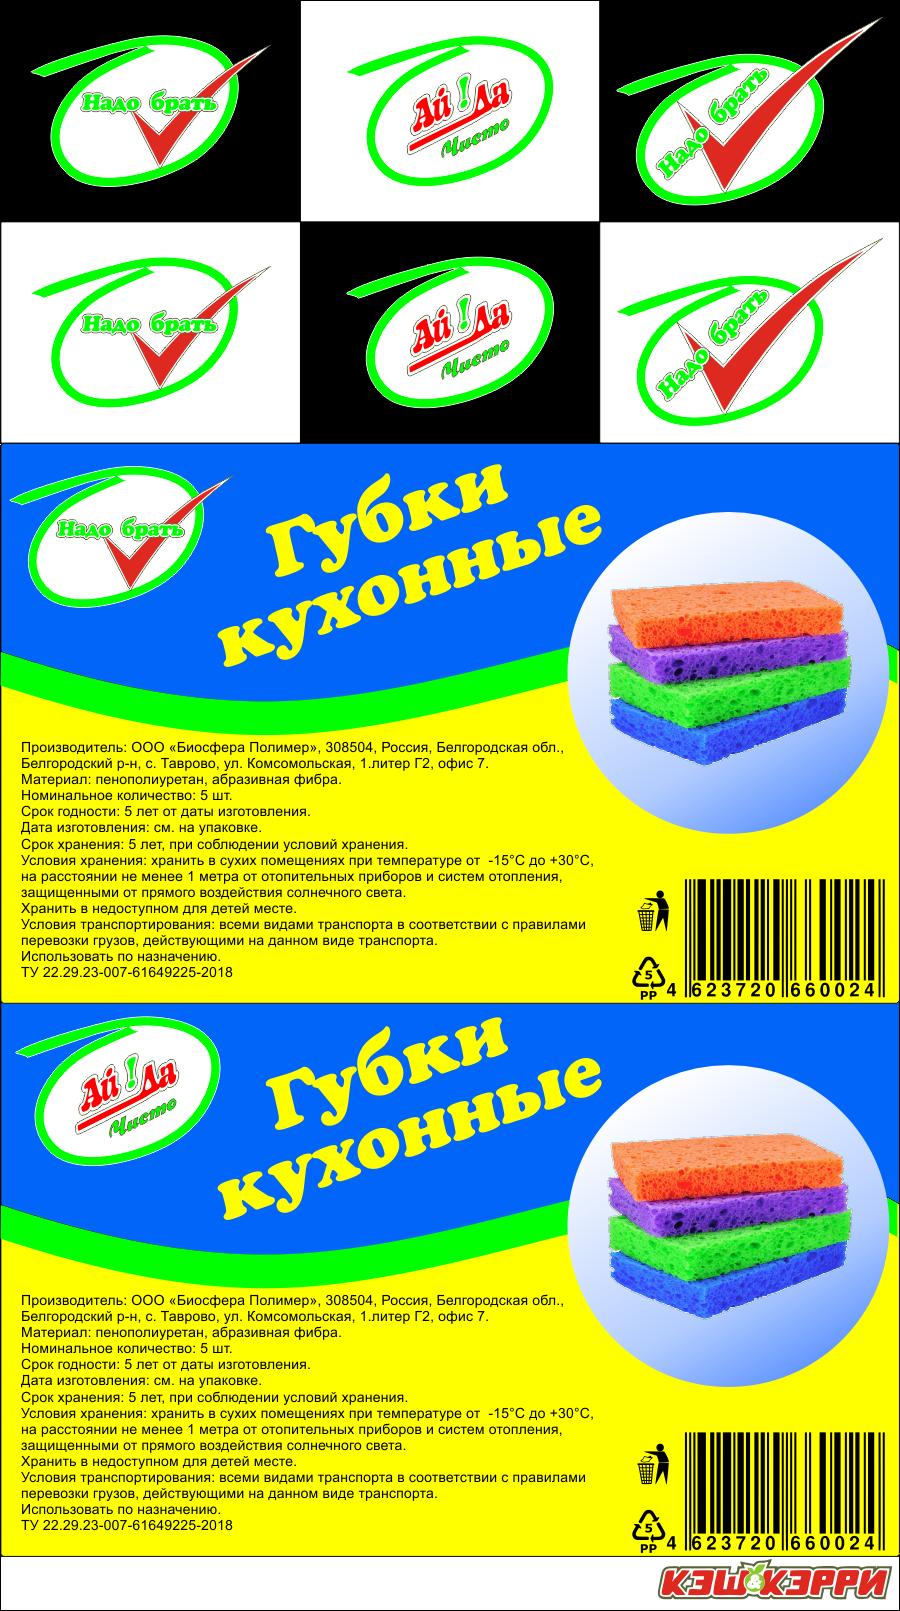 Дизайн логотипа и упаковки СТМ фото f_0385c5c0ae0f1ac9.png